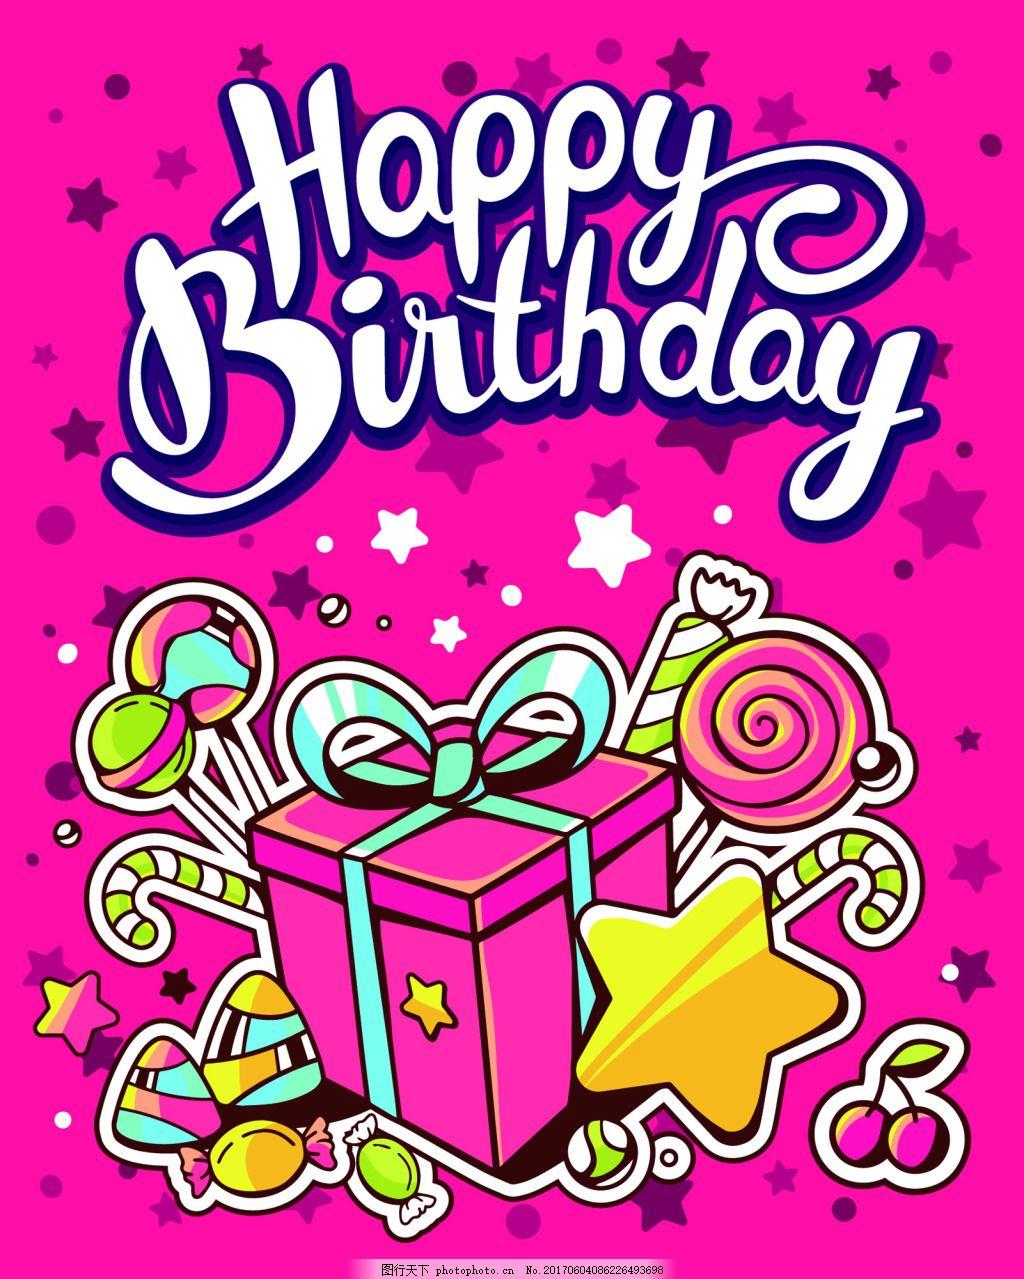 粉色潮流卡通生日可爱梦幻卡片背景 酷炫 礼物 糖果 生日 邀请卡片